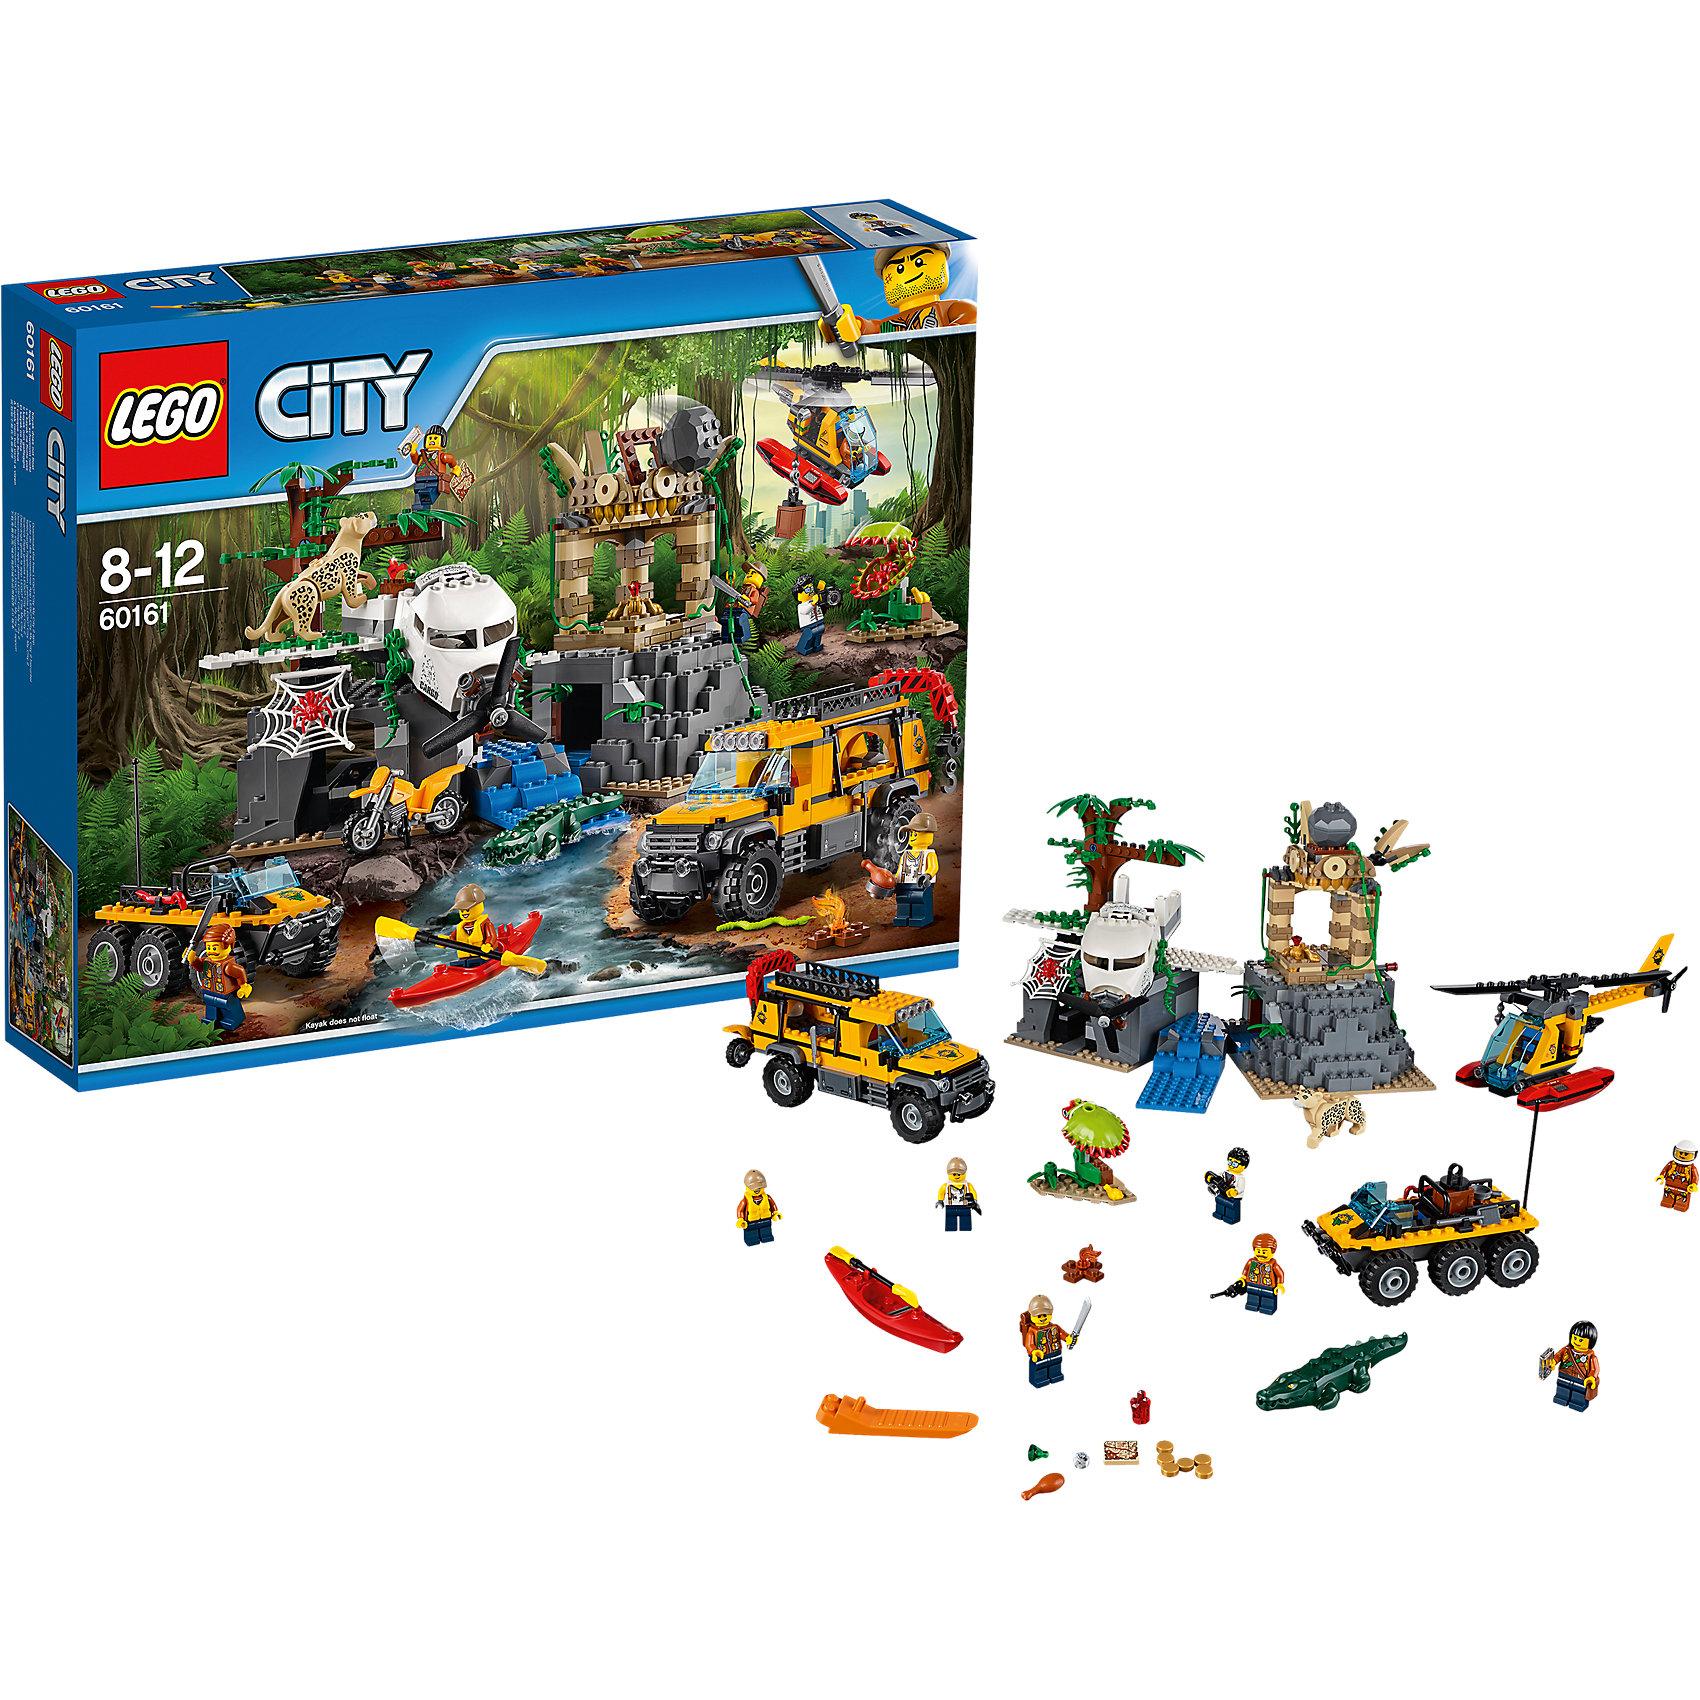 LEGO City 60161: База исследователей джунглейПластмассовые конструкторы<br>Характеристики товара: <br><br>• возраст: от 8 лет;<br>• материал: пластик;<br>• в комплекте: 813 деталей, 8 минифигурок;<br>• размер упаковки: 48х37,8х9,4 см;<br>• вес упаковки: 1,81 кг;<br>• страна производитель: Венгрия.<br><br>Конструктор Lego City «База исследователей джунглей» из серии Лего Сити, посвященной изучению джунглей. Из деталей собираются 2 машины, вертолет, храм и дерево с заброшенным самолетом. Отправляются исследователи на поиски ящика с сокровищами, который спрятан в кабине заброшенного самолета. У них есть вертолет с вращающимися лопастями и лебедкой с крюком для перемещения грузов. На большом вездеходе перевозятся необходимые инструменты. Второе транспортное средство — грузовик с вращающимися колесами, подвижным крюком и открывающейся крышей.<br><br>Самолет находится на тропическом дереве, рядом с которым живет опасный ягуар. Кабина самолета опускается и поднимается. Через речку находится заброшенный храм, забраться на который можно по лианам. Но только там ждет опасность в виде падающего камня. Под камнем люк, через который можно проникнуть внутрь храма. <br><br>Конструктор Lego City «База исследователей джунглей» можно приобрести в нашем интернет-магазине.<br><br>Ширина мм: 481<br>Глубина мм: 375<br>Высота мм: 96<br>Вес г: 1822<br>Возраст от месяцев: 96<br>Возраст до месяцев: 144<br>Пол: Мужской<br>Возраст: Детский<br>SKU: 5620024